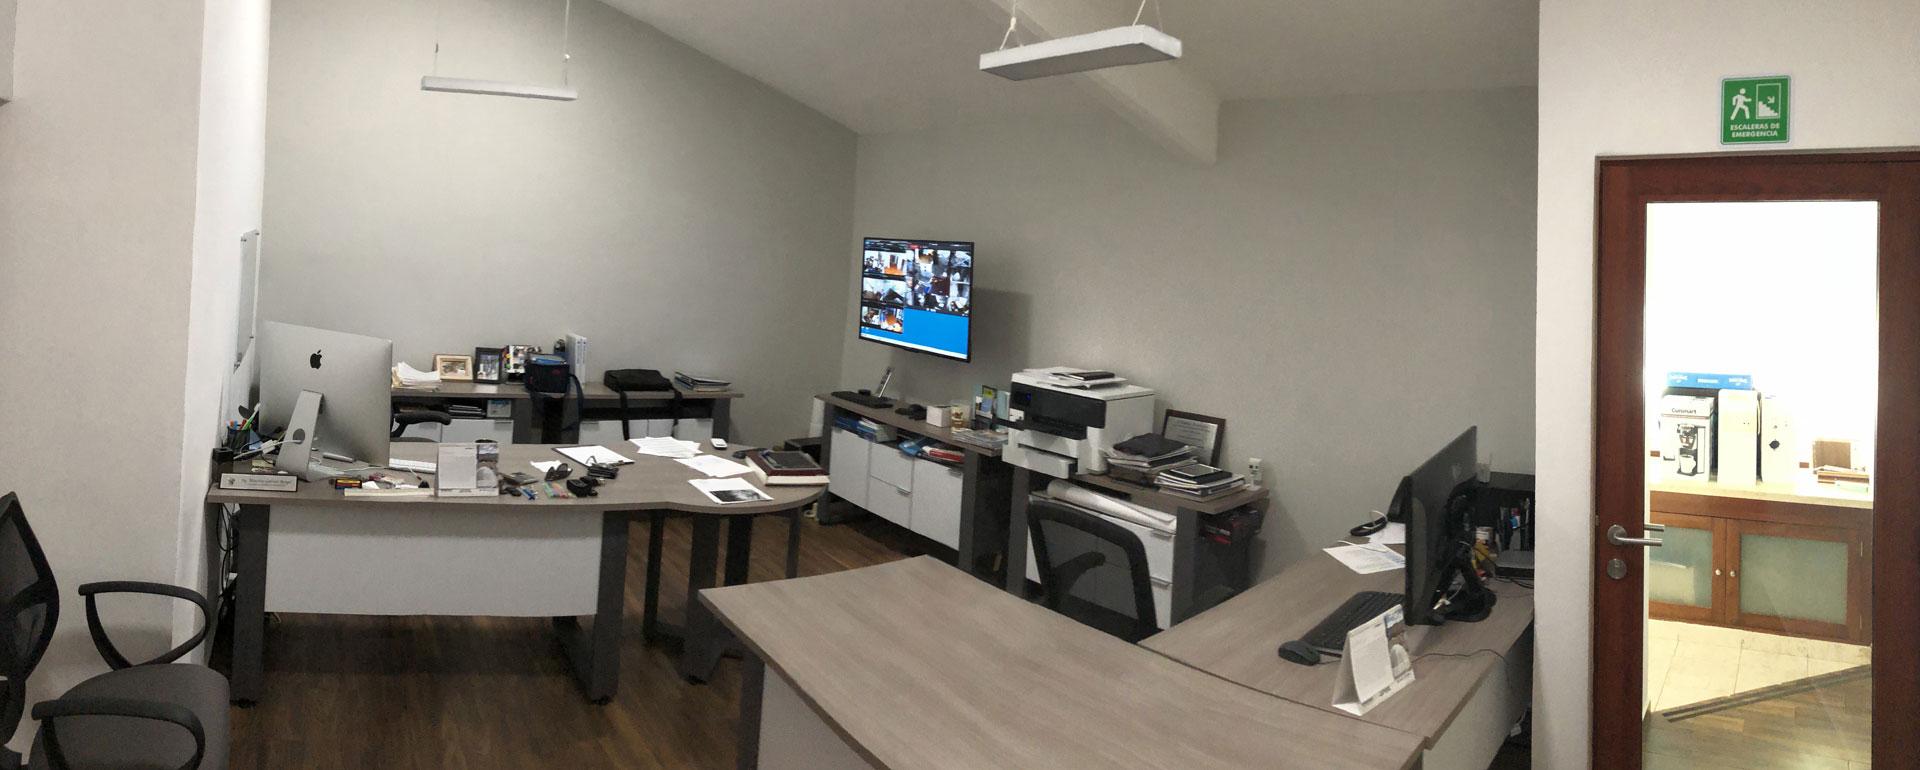 Oficinas áreas inteligentes